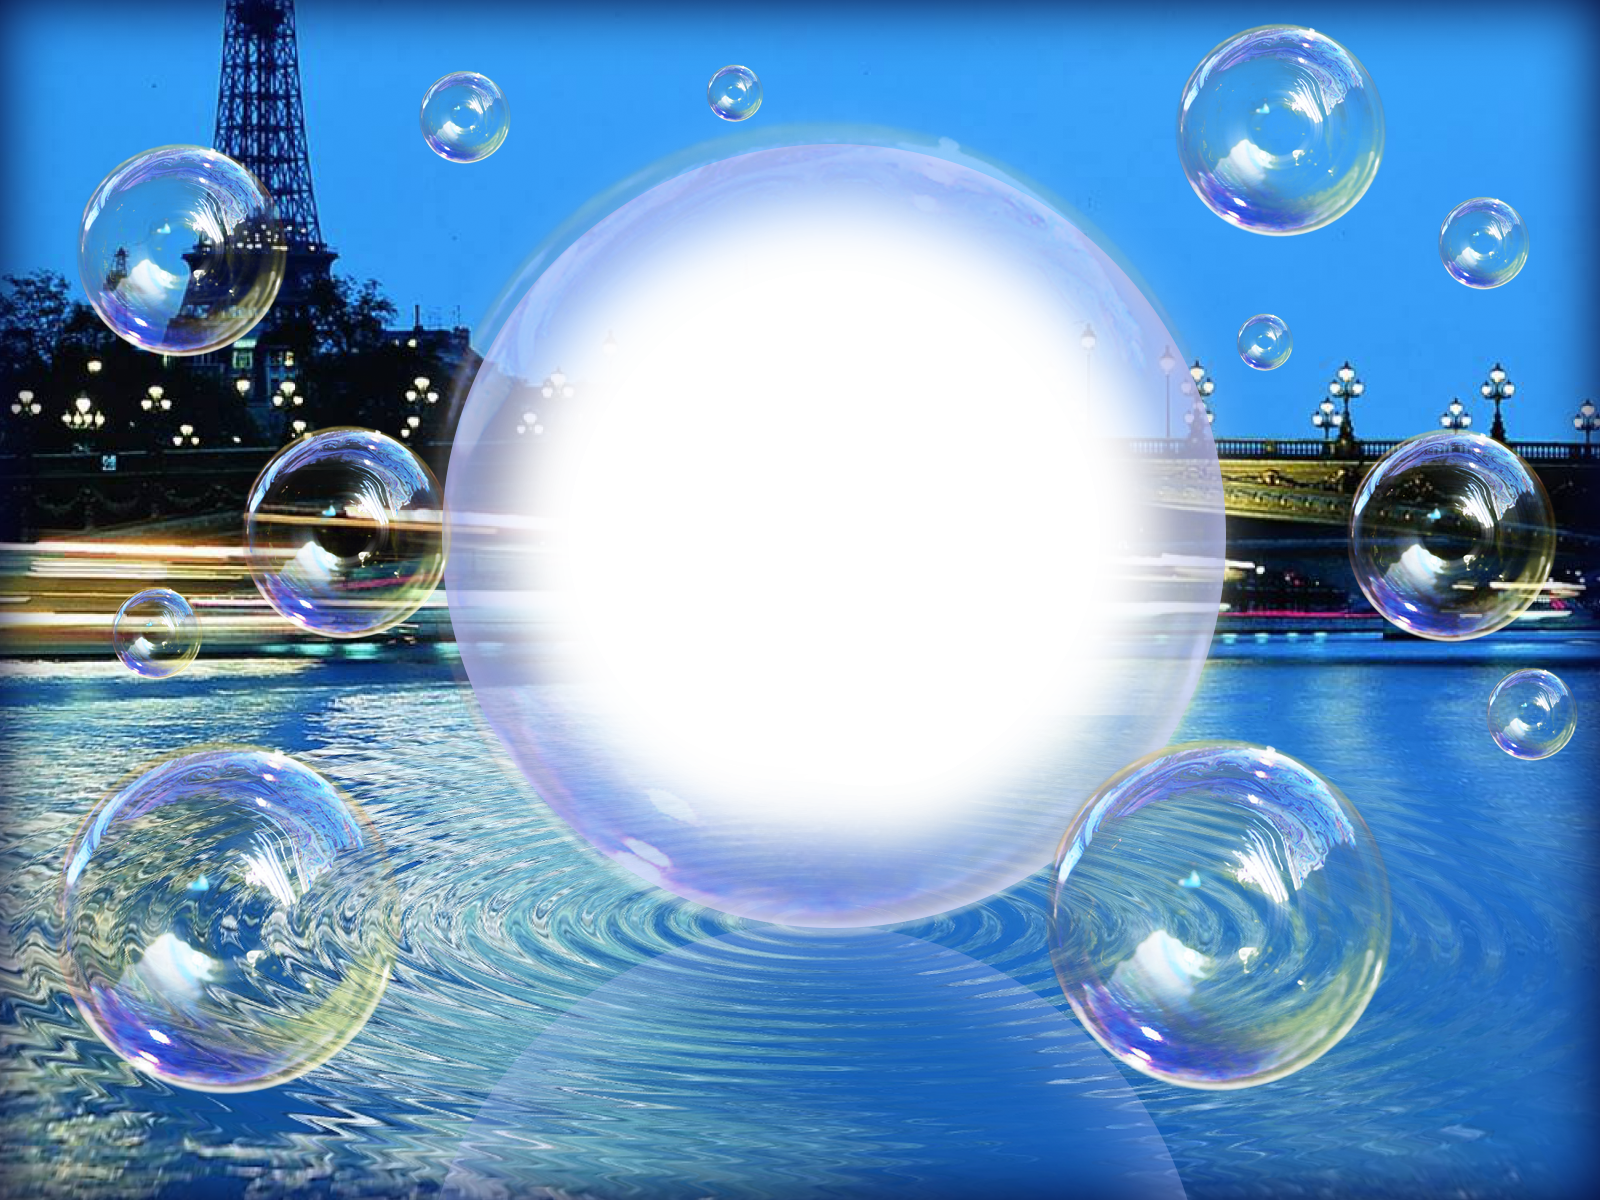 Фоторамка Фоторамка - мыльный пузырь Фоторамка для фотошопа, PNG шаблон. Фото в мыльном пузыре. Забавная фоторамка. Город, вечер, фонари, башня, мост, река, отражение в воде, набережная.